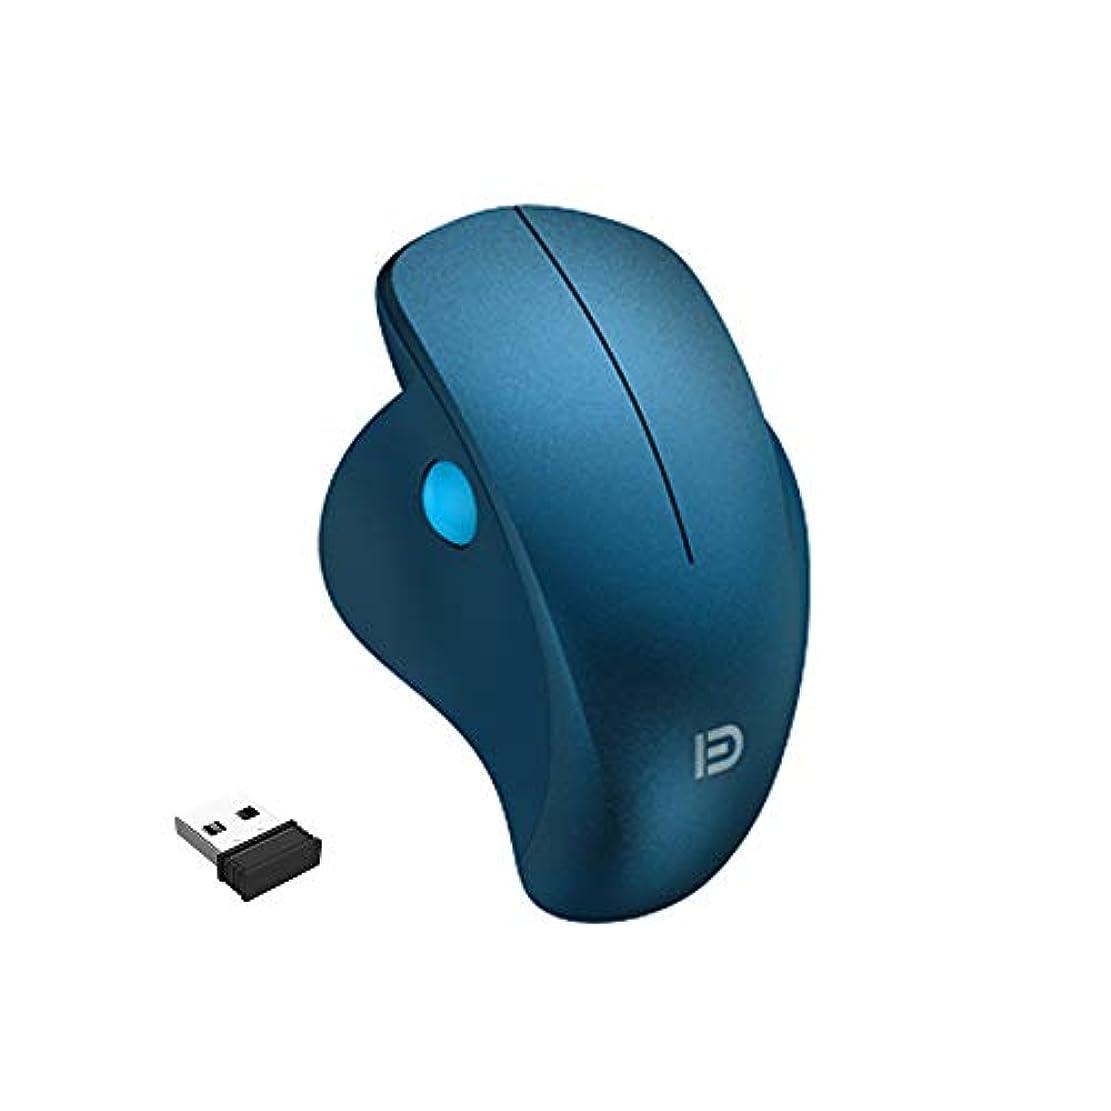 ビート司法独裁者ワイヤレスマウス Attoe 2.4G ワイヤレスノートパソコンマウス サイドローラーホイール付き 20m接続距離 サイレント人間工学ワイヤレスマウス Mac OS/Windows用 AT-i903